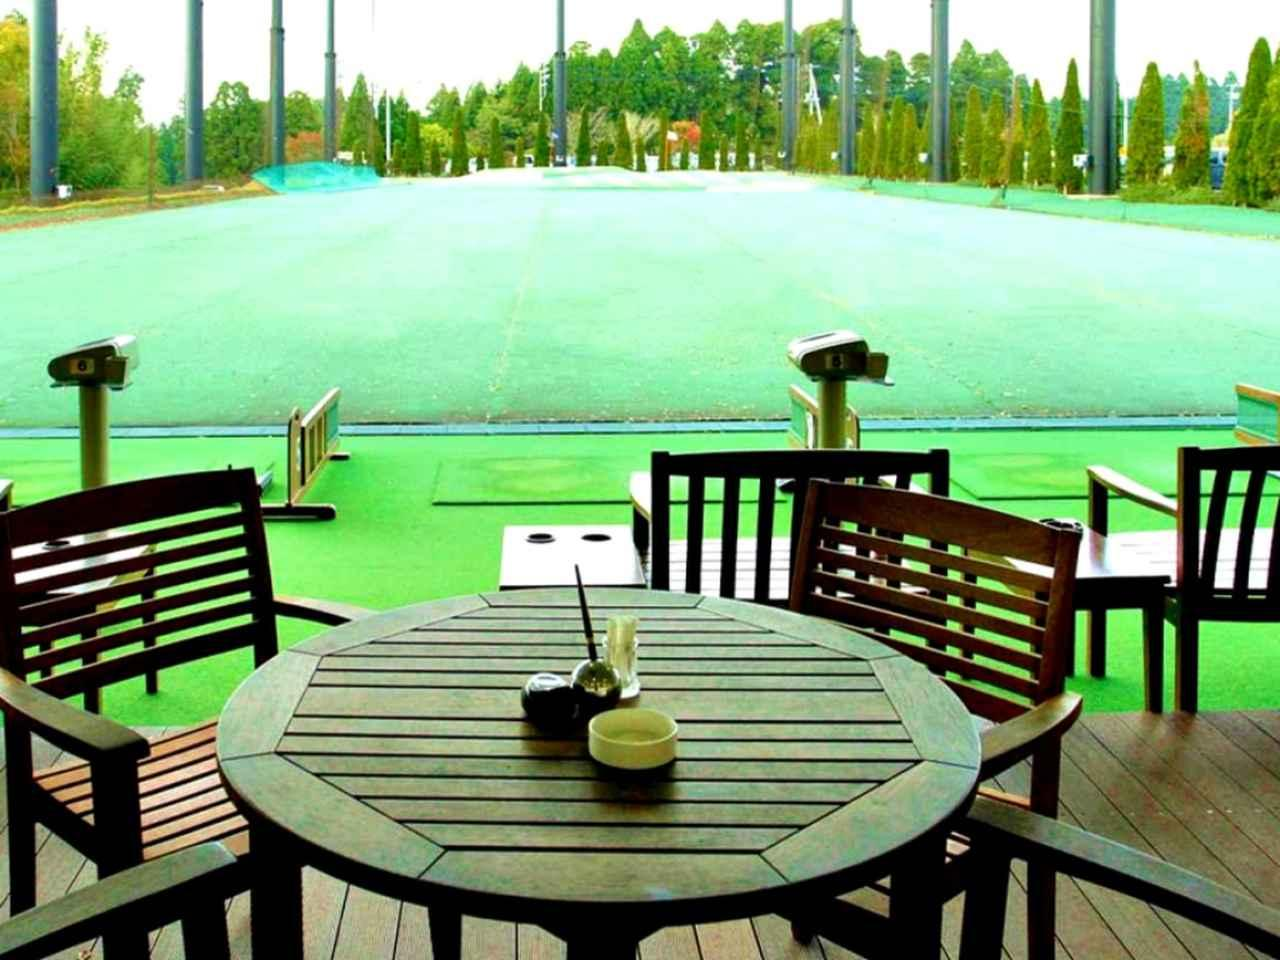 画像: 打席の後ろにはカフェテラス。ゆっくりボールを打つには最高の環境